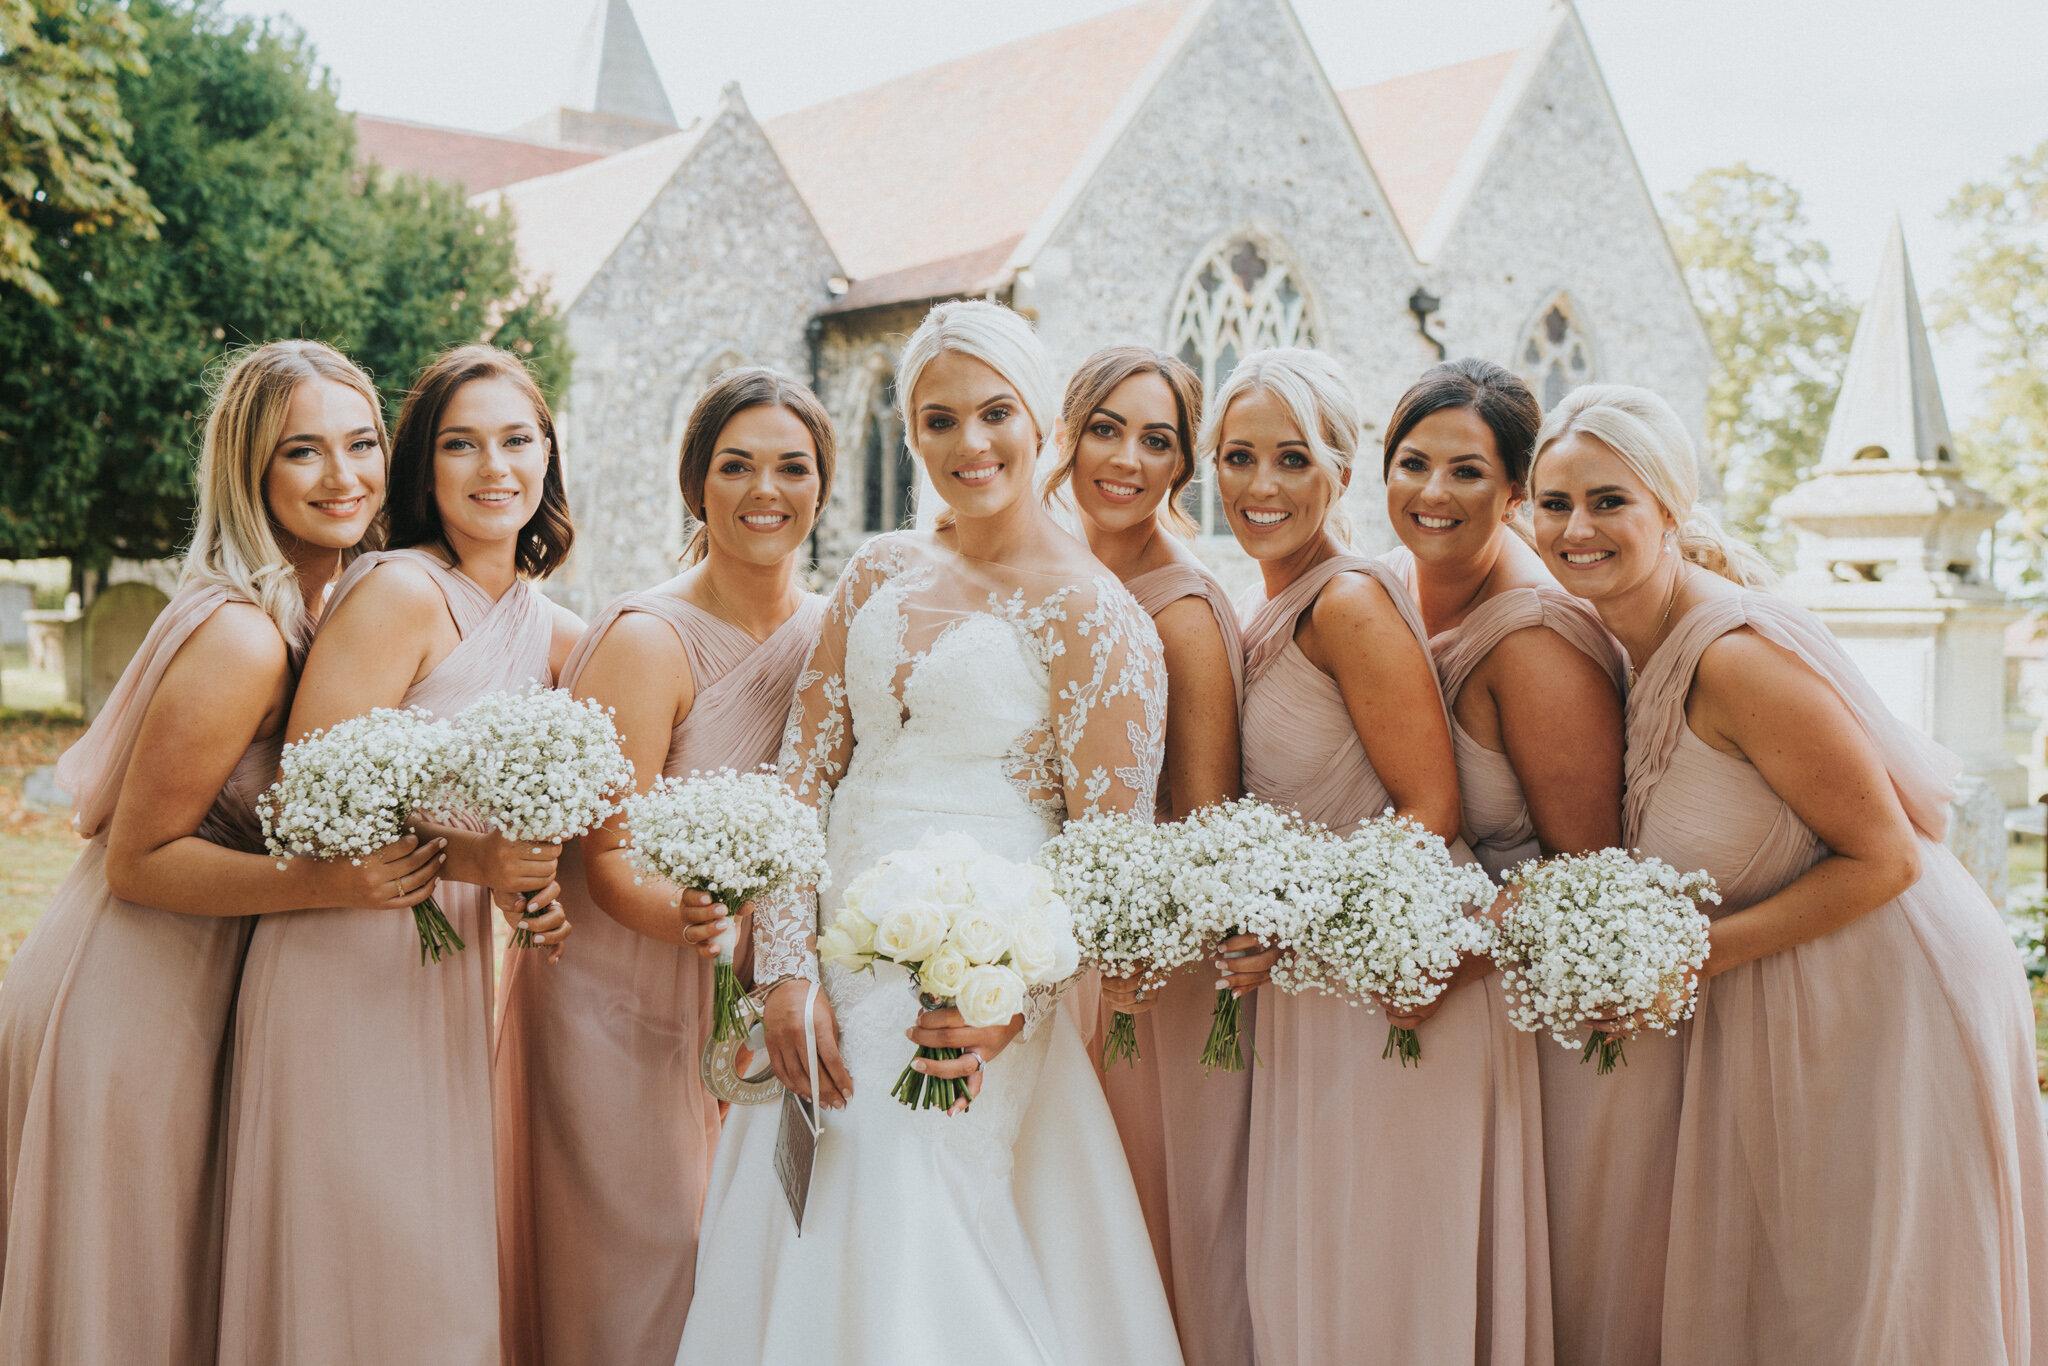 amy-ross-diy-garden-wedding-grace-elizabeth-colchester-essex-suffolk-devon-norfolk-wedding-lifestyle-photographer (1 of 1)-2.jpg